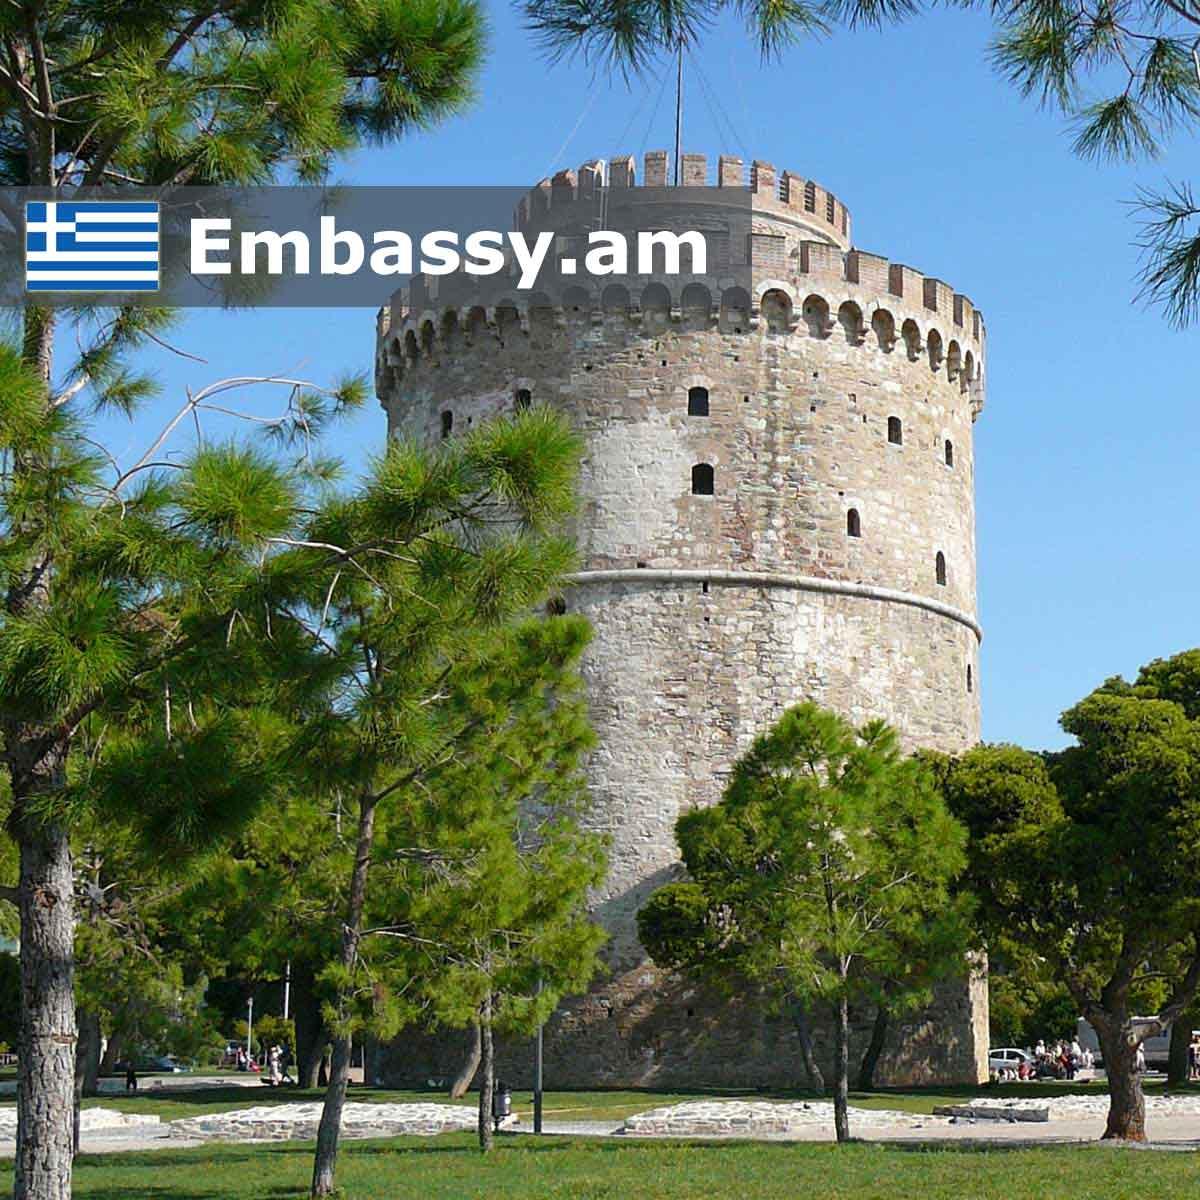 Սալոնիկ - Հյուրանոցներ Հունաստանում - Embassy.am